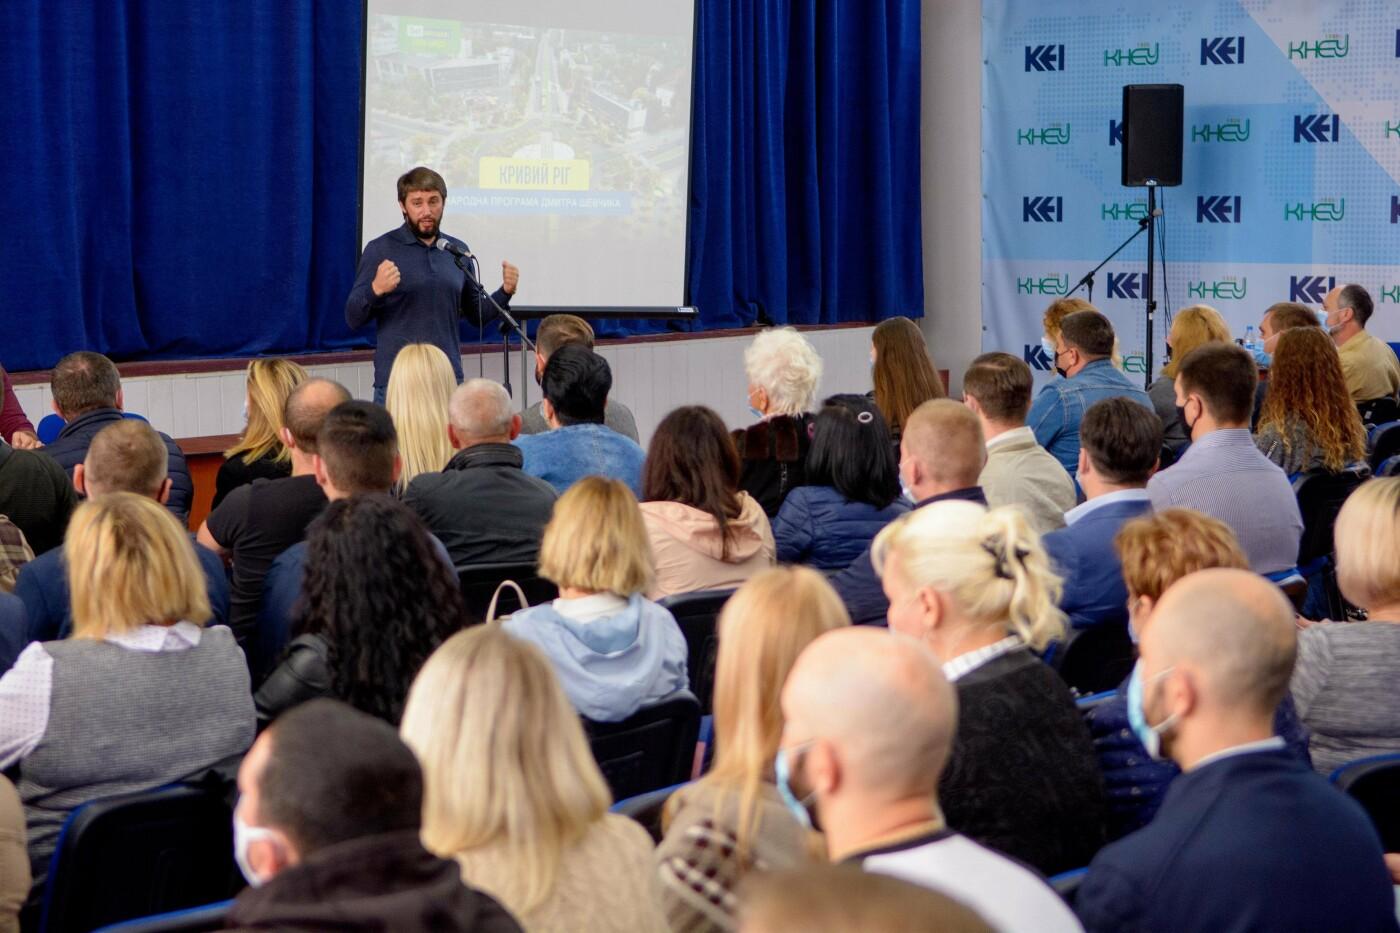 Нові ідеї та свіжий погляд на управління: Народна програма Дмитра Шевчика відкриє молоді дорогу до міськради, фото-2